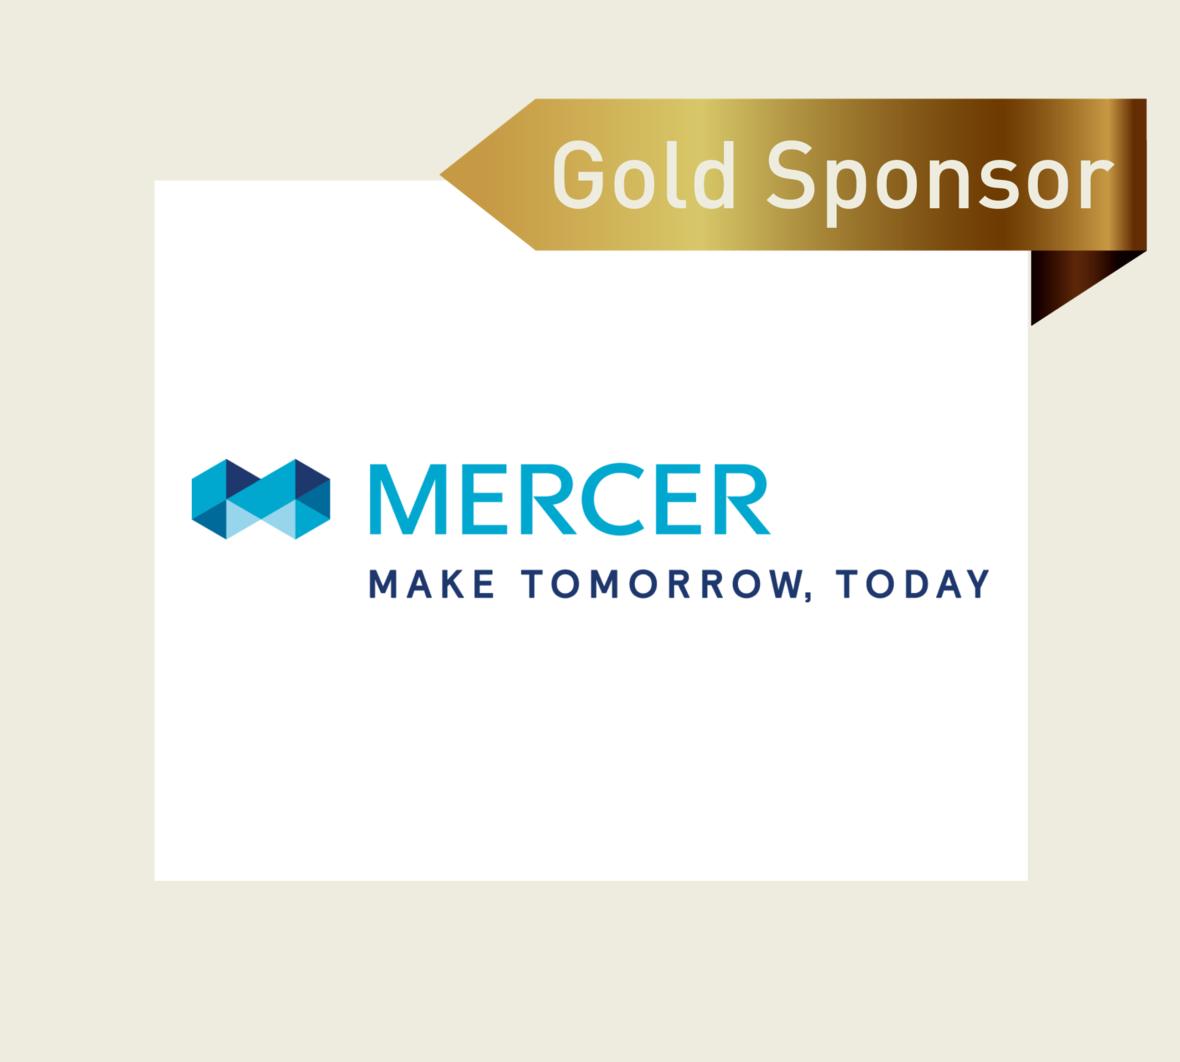 Gold Sponsor-4